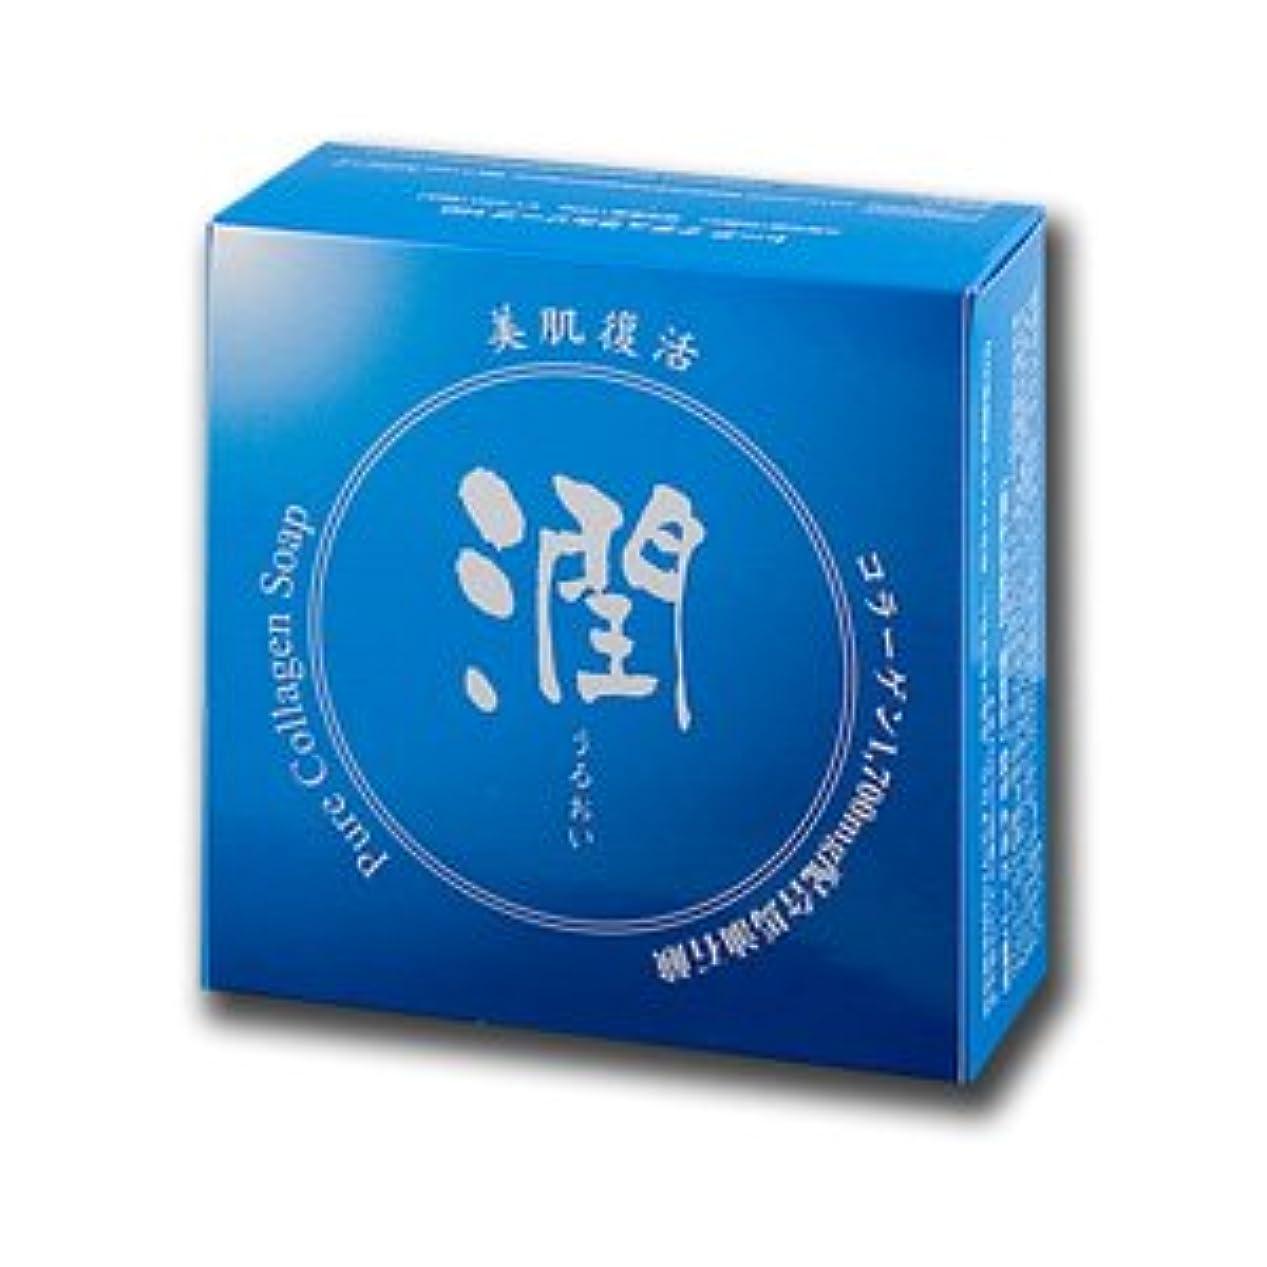 バンジージャンプ把握ソフトウェアコラーゲン馬油石鹸 潤 100g (#800410) ×3個セット